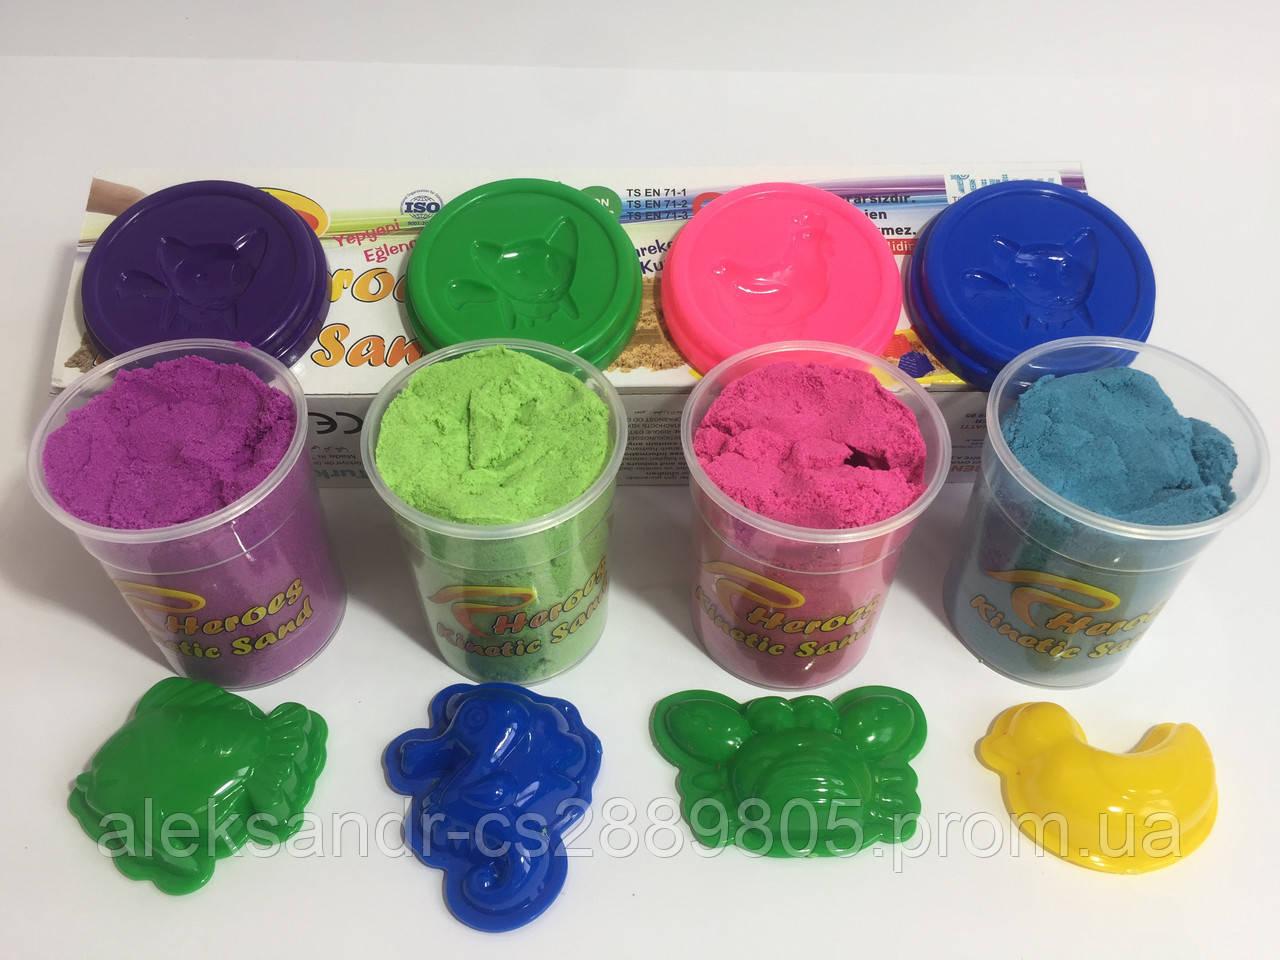 Кинетический песок 4 цвета по 200 гр.+4 пасочки 6 цветов микс